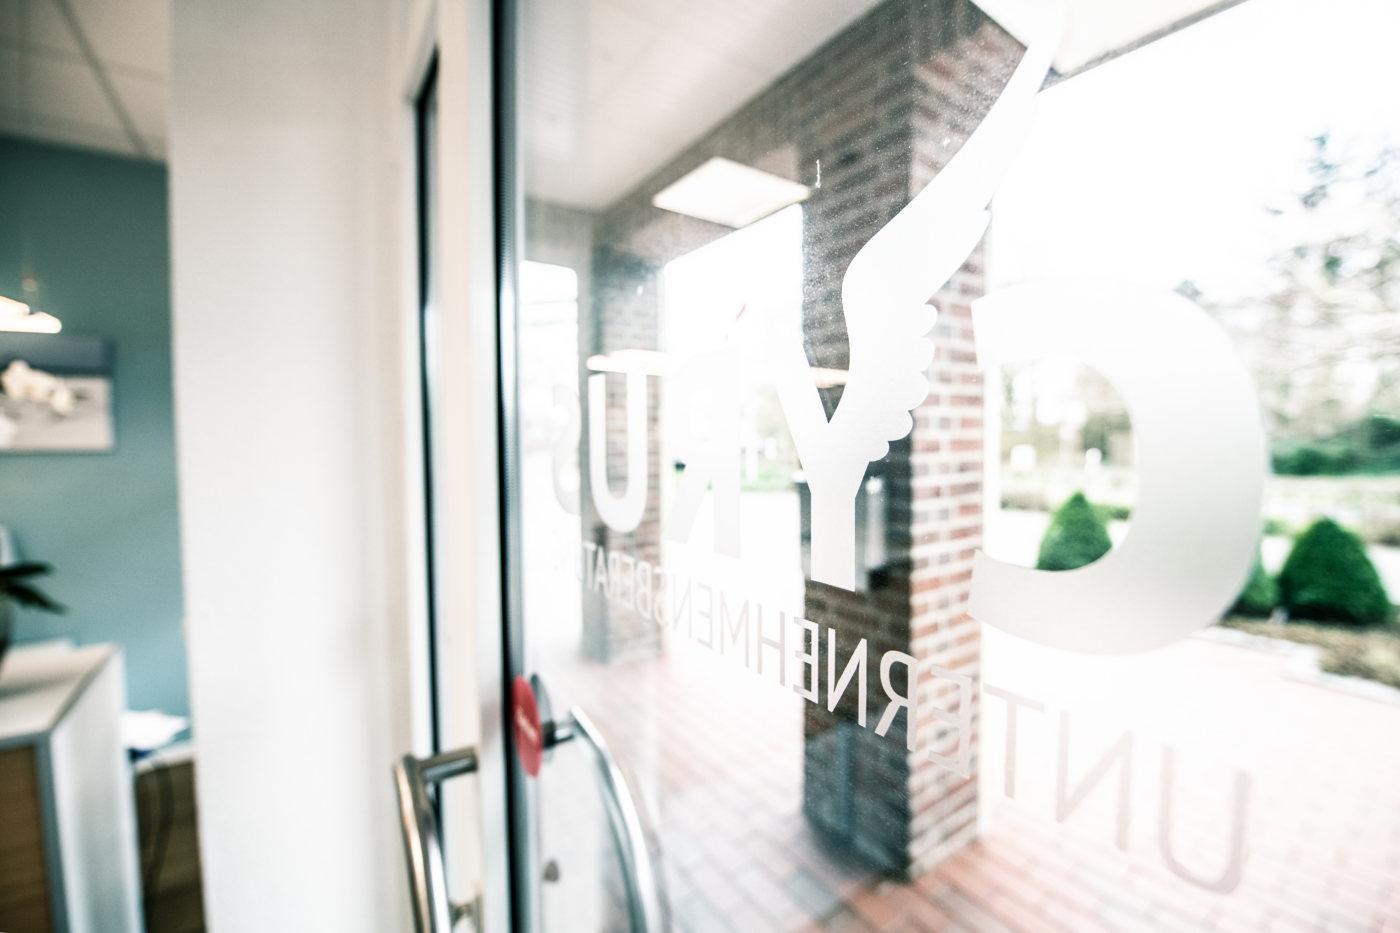 Unternehmungsberatung Oldenburg: Die Eingangstür aus Glas mit dem Cyrus Logo in weiß ist zu sehen.